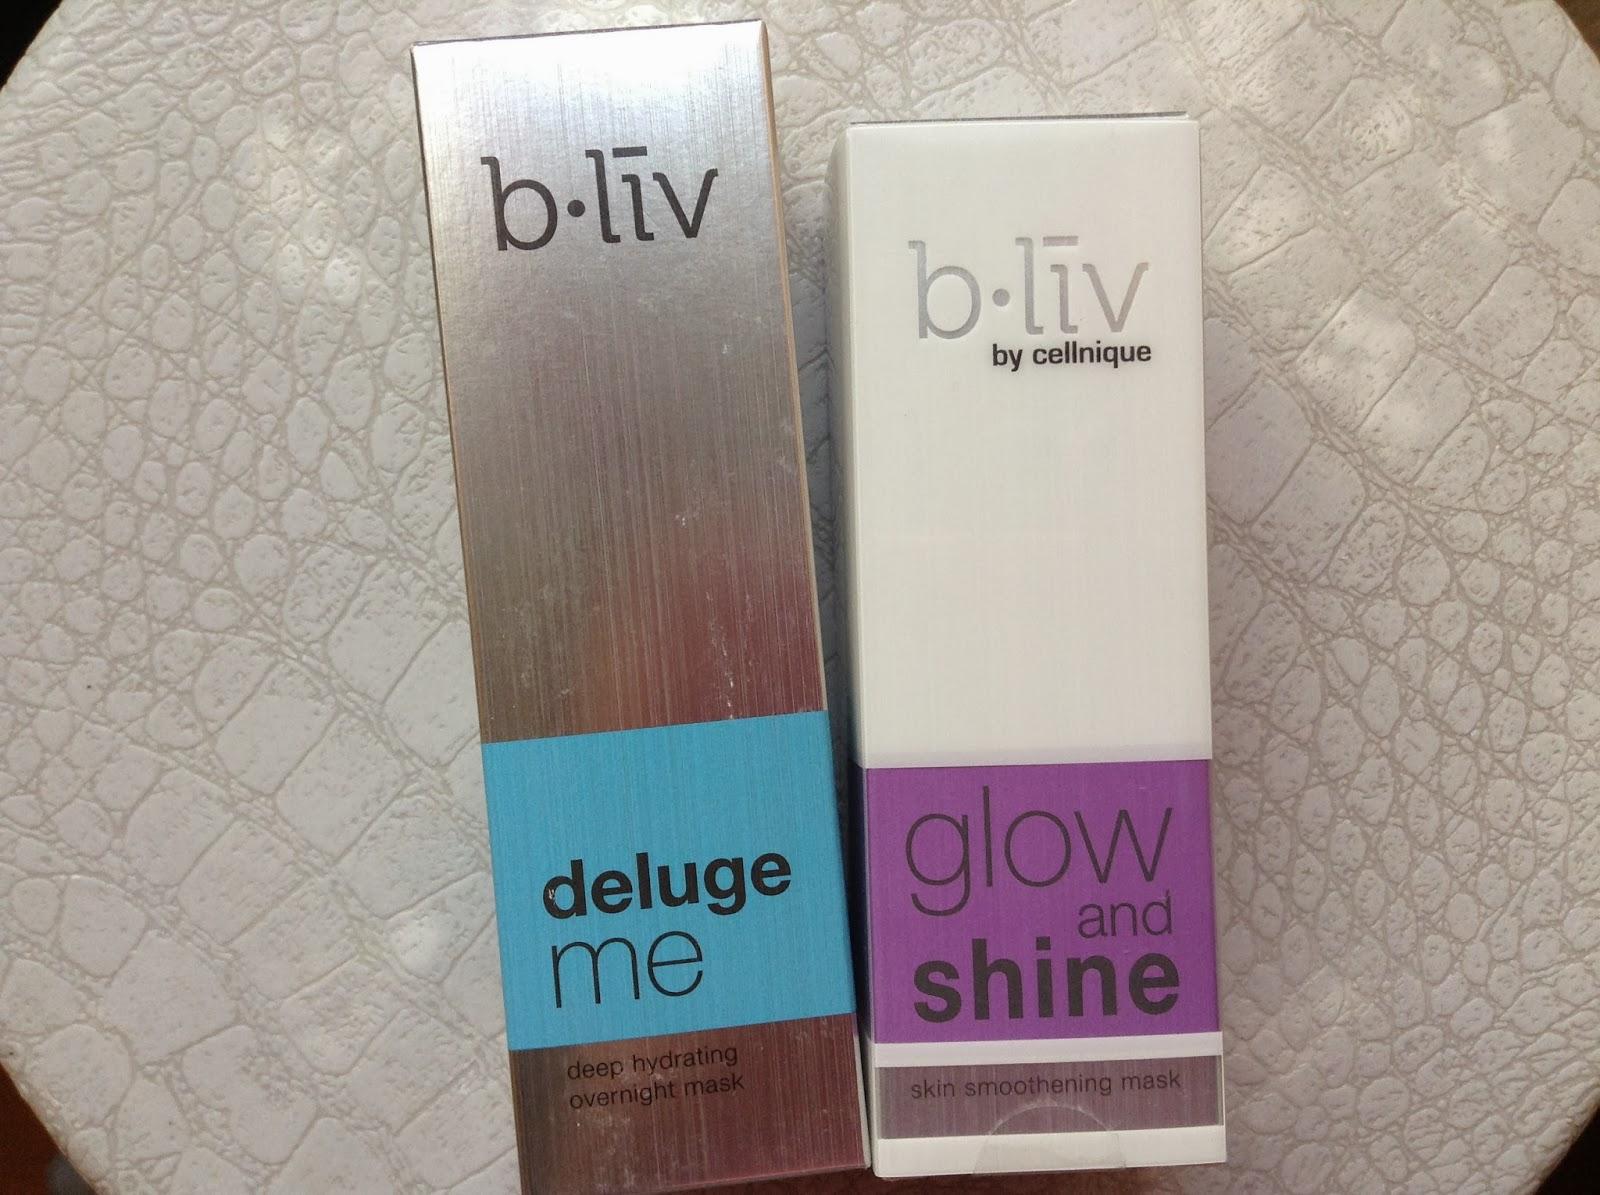 >> 保養系列必備去角質補水面膜*信美肌 b.liv by cellnique Glow and Shine & Deluge Me面膜